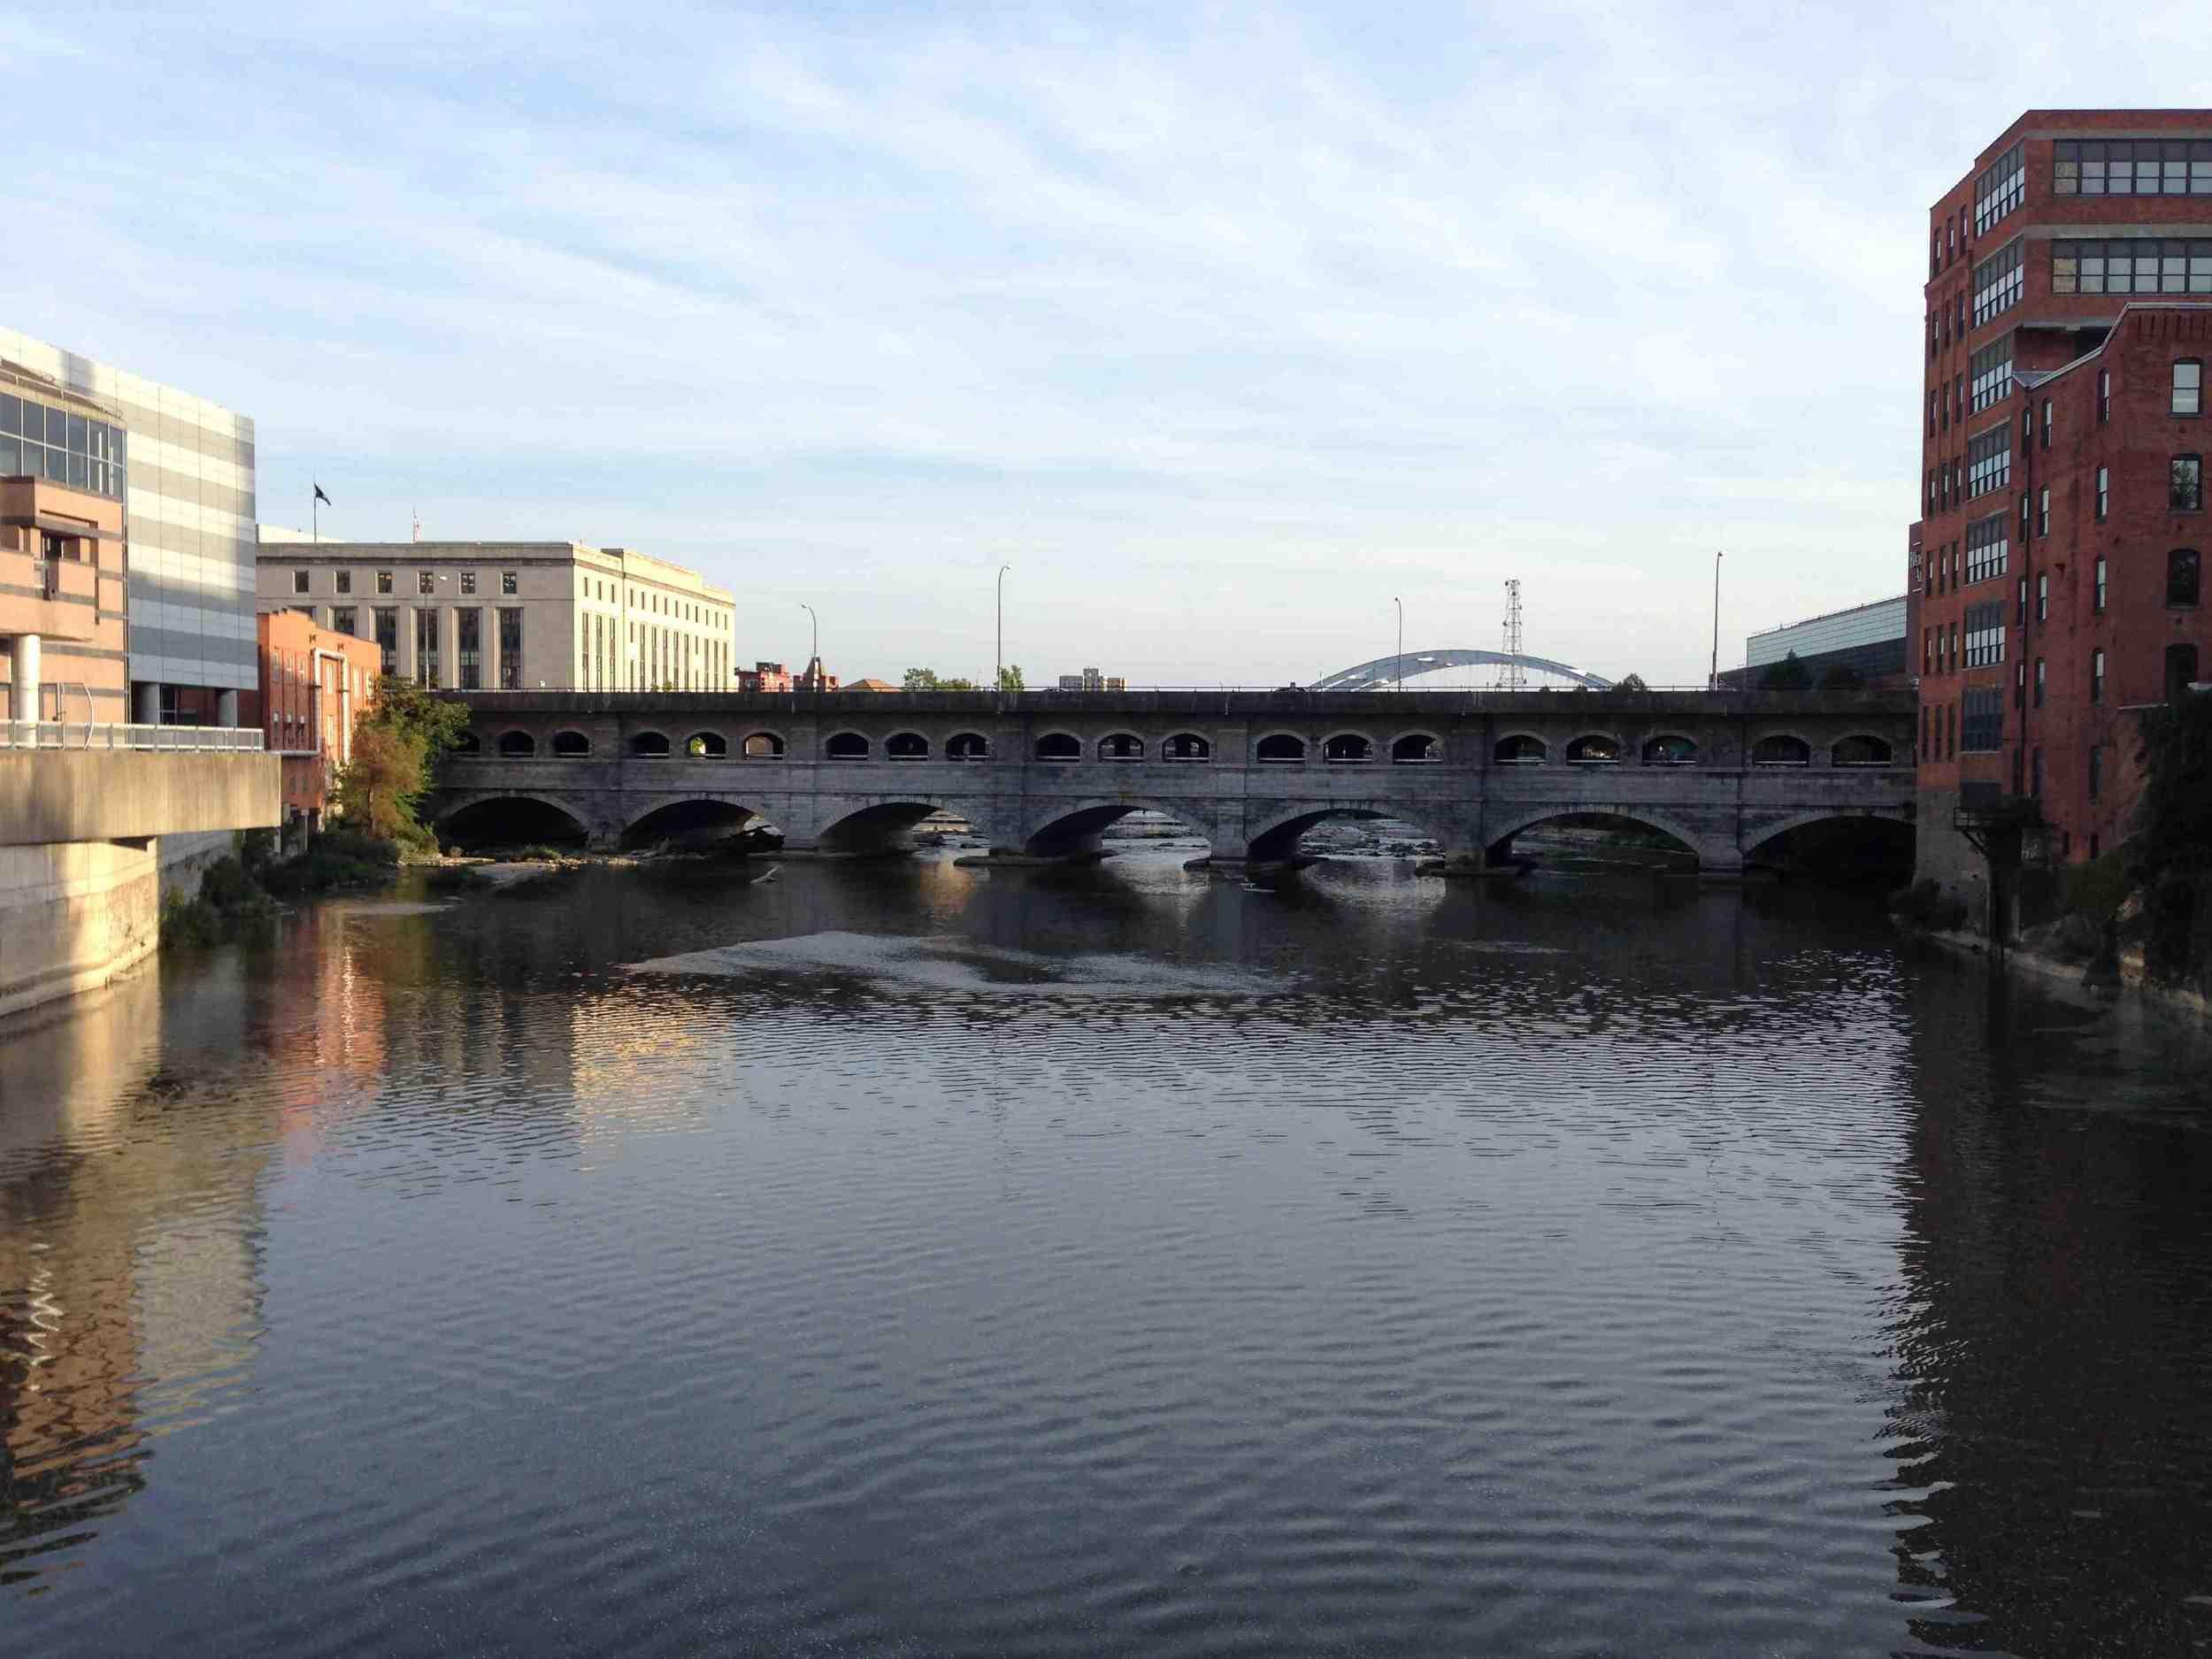 Aqueduct Bridge, Rochester, NY